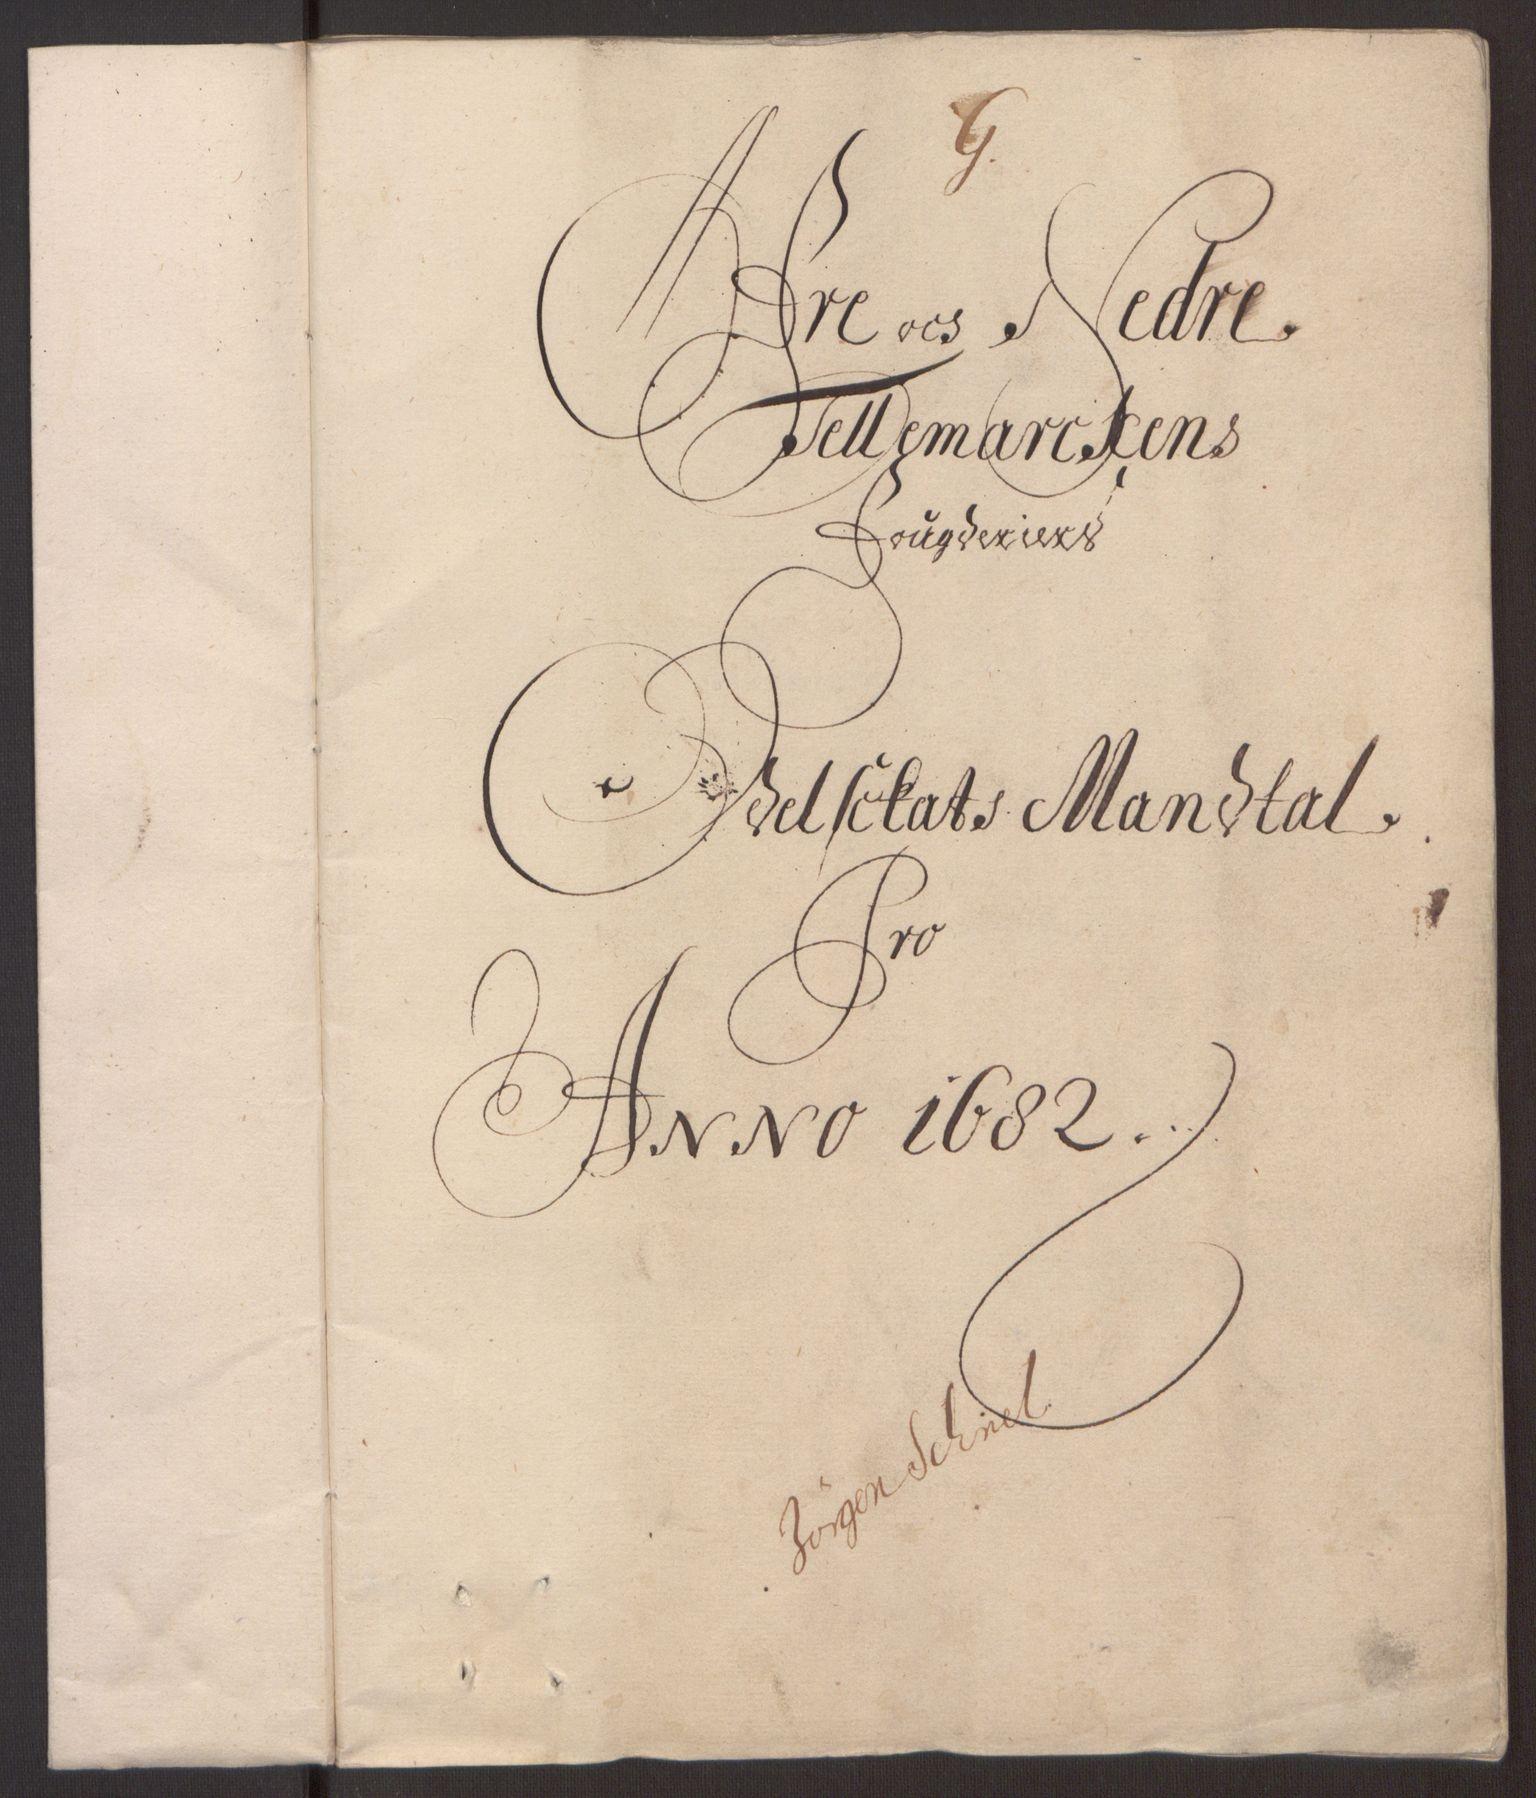 RA, Rentekammeret inntil 1814, Reviderte regnskaper, Fogderegnskap, R35/L2078: Fogderegnskap Øvre og Nedre Telemark, 1680-1684, s. 194